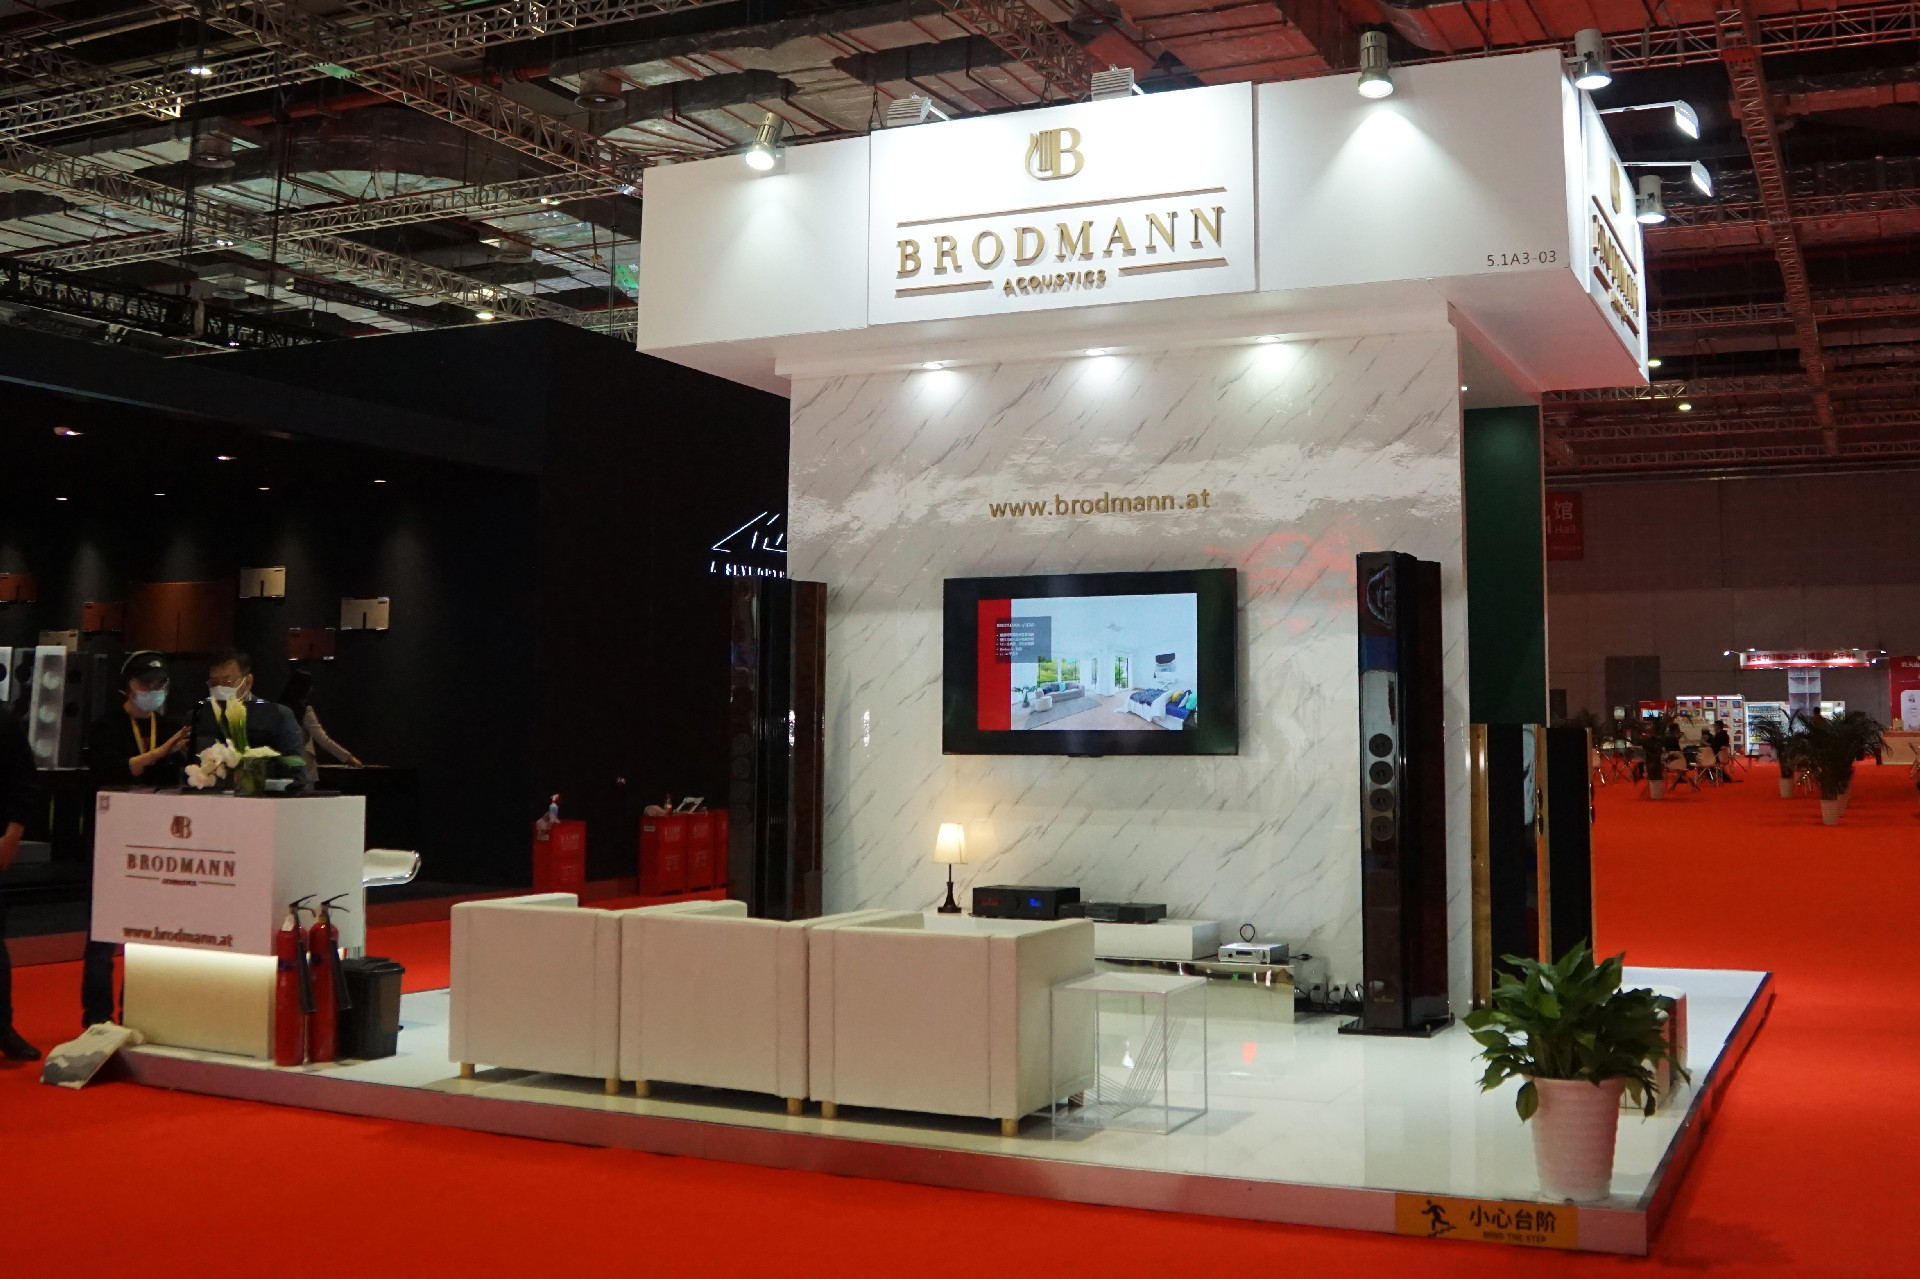 波特曼Brodmann-2020年第三届进博会展台案例